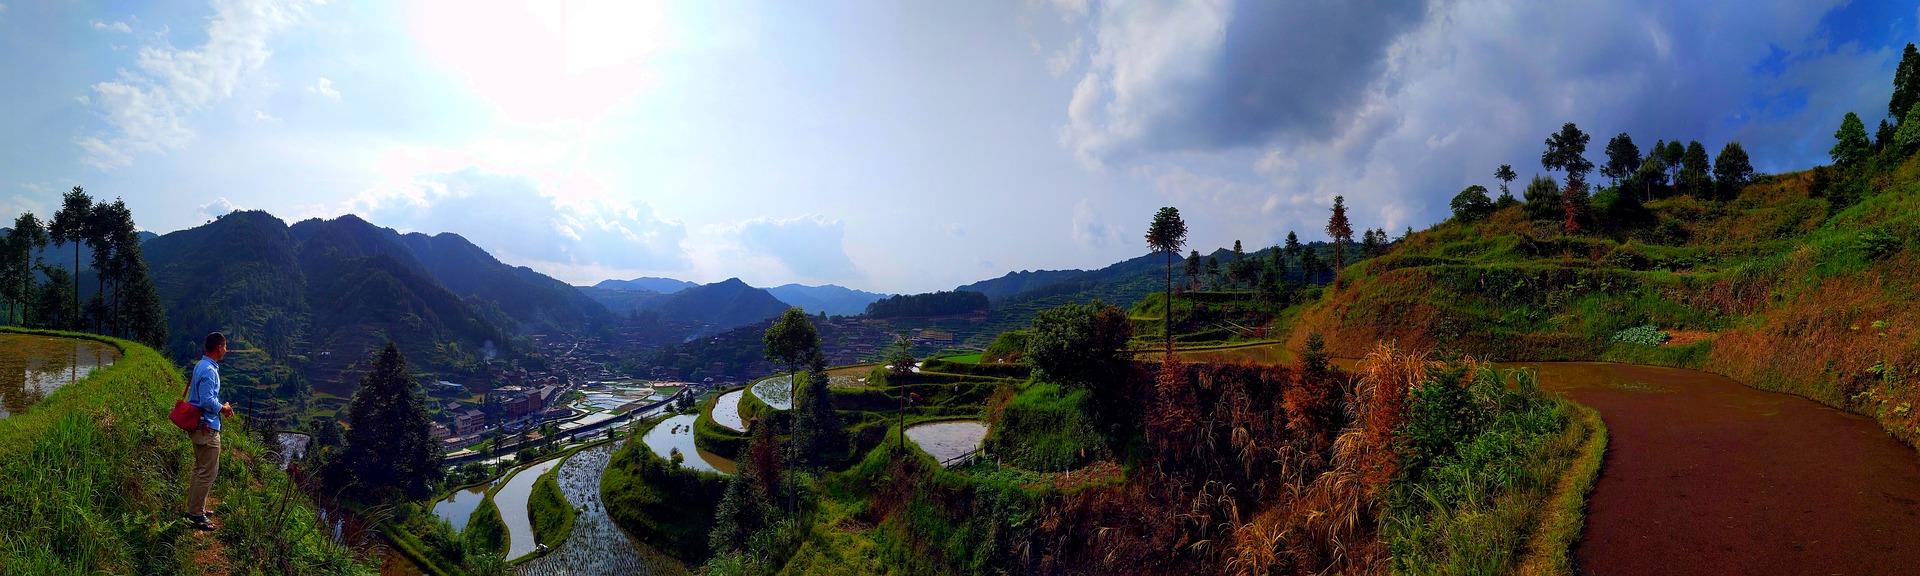 Guizhou 2372941 1920